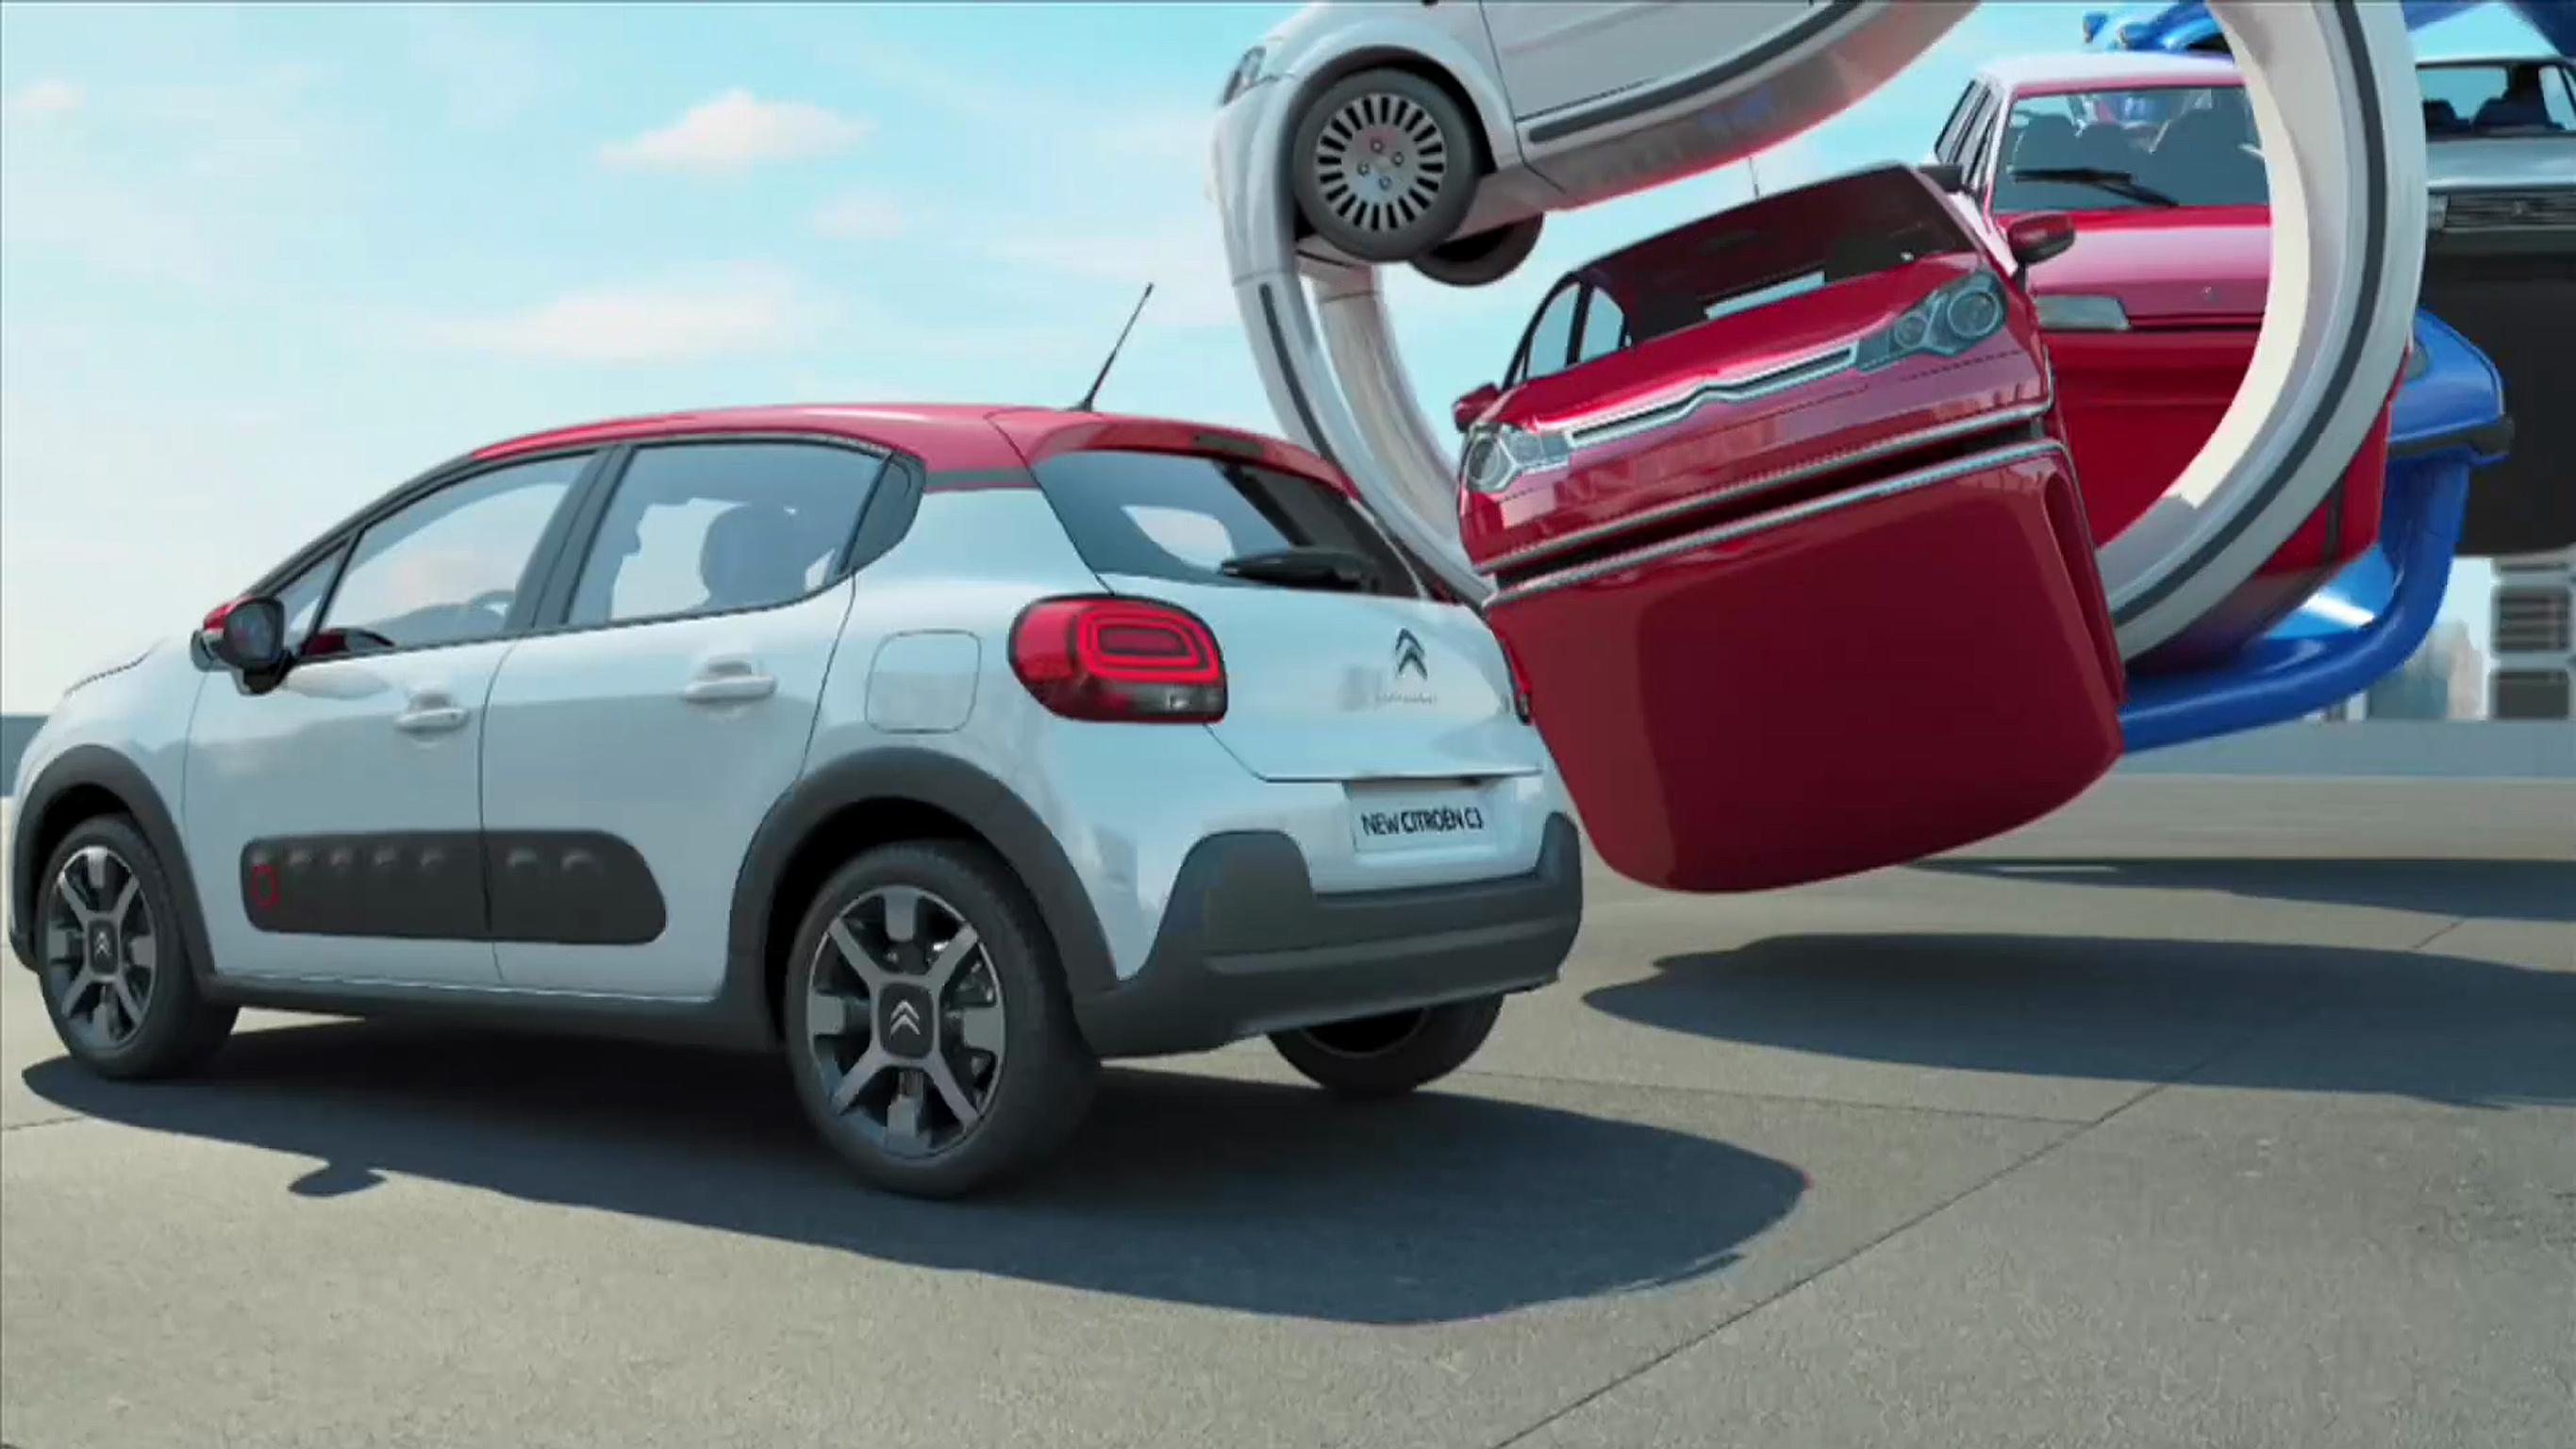 Temporada 2016 Programa 1.058 - El nuevo Citroën C3